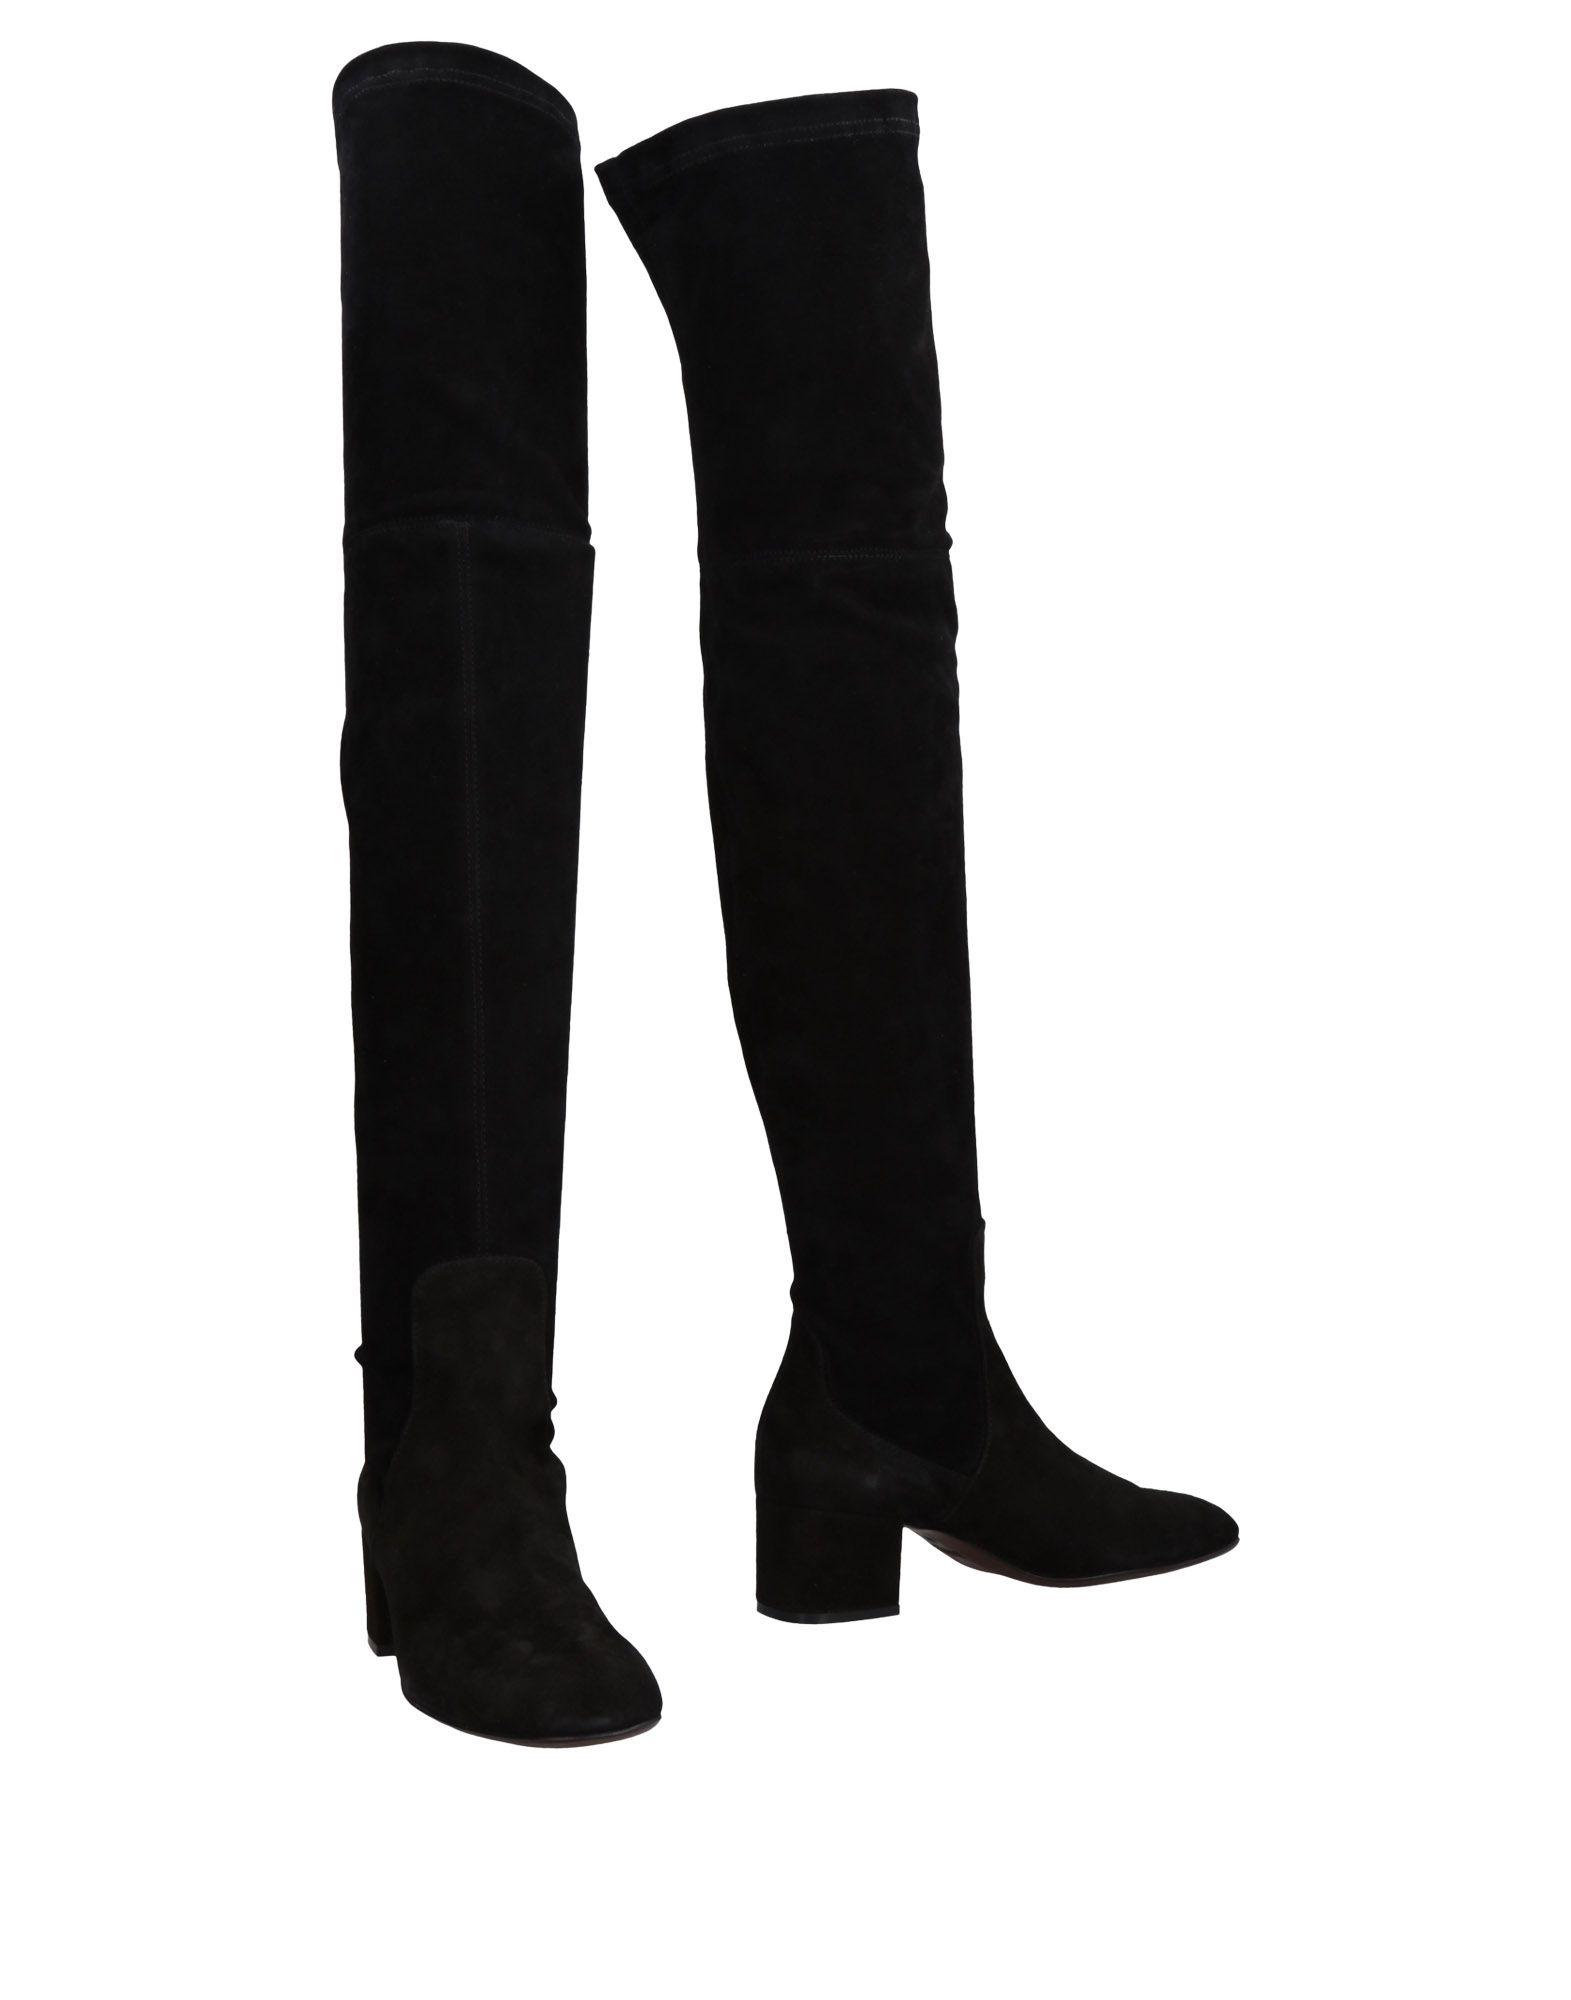 Agl Attilio Giusti Leombruni Attilio Boots - Women Agl Attilio Leombruni Giusti Leombruni Boots online on  Australia - 11470123GM a734c9